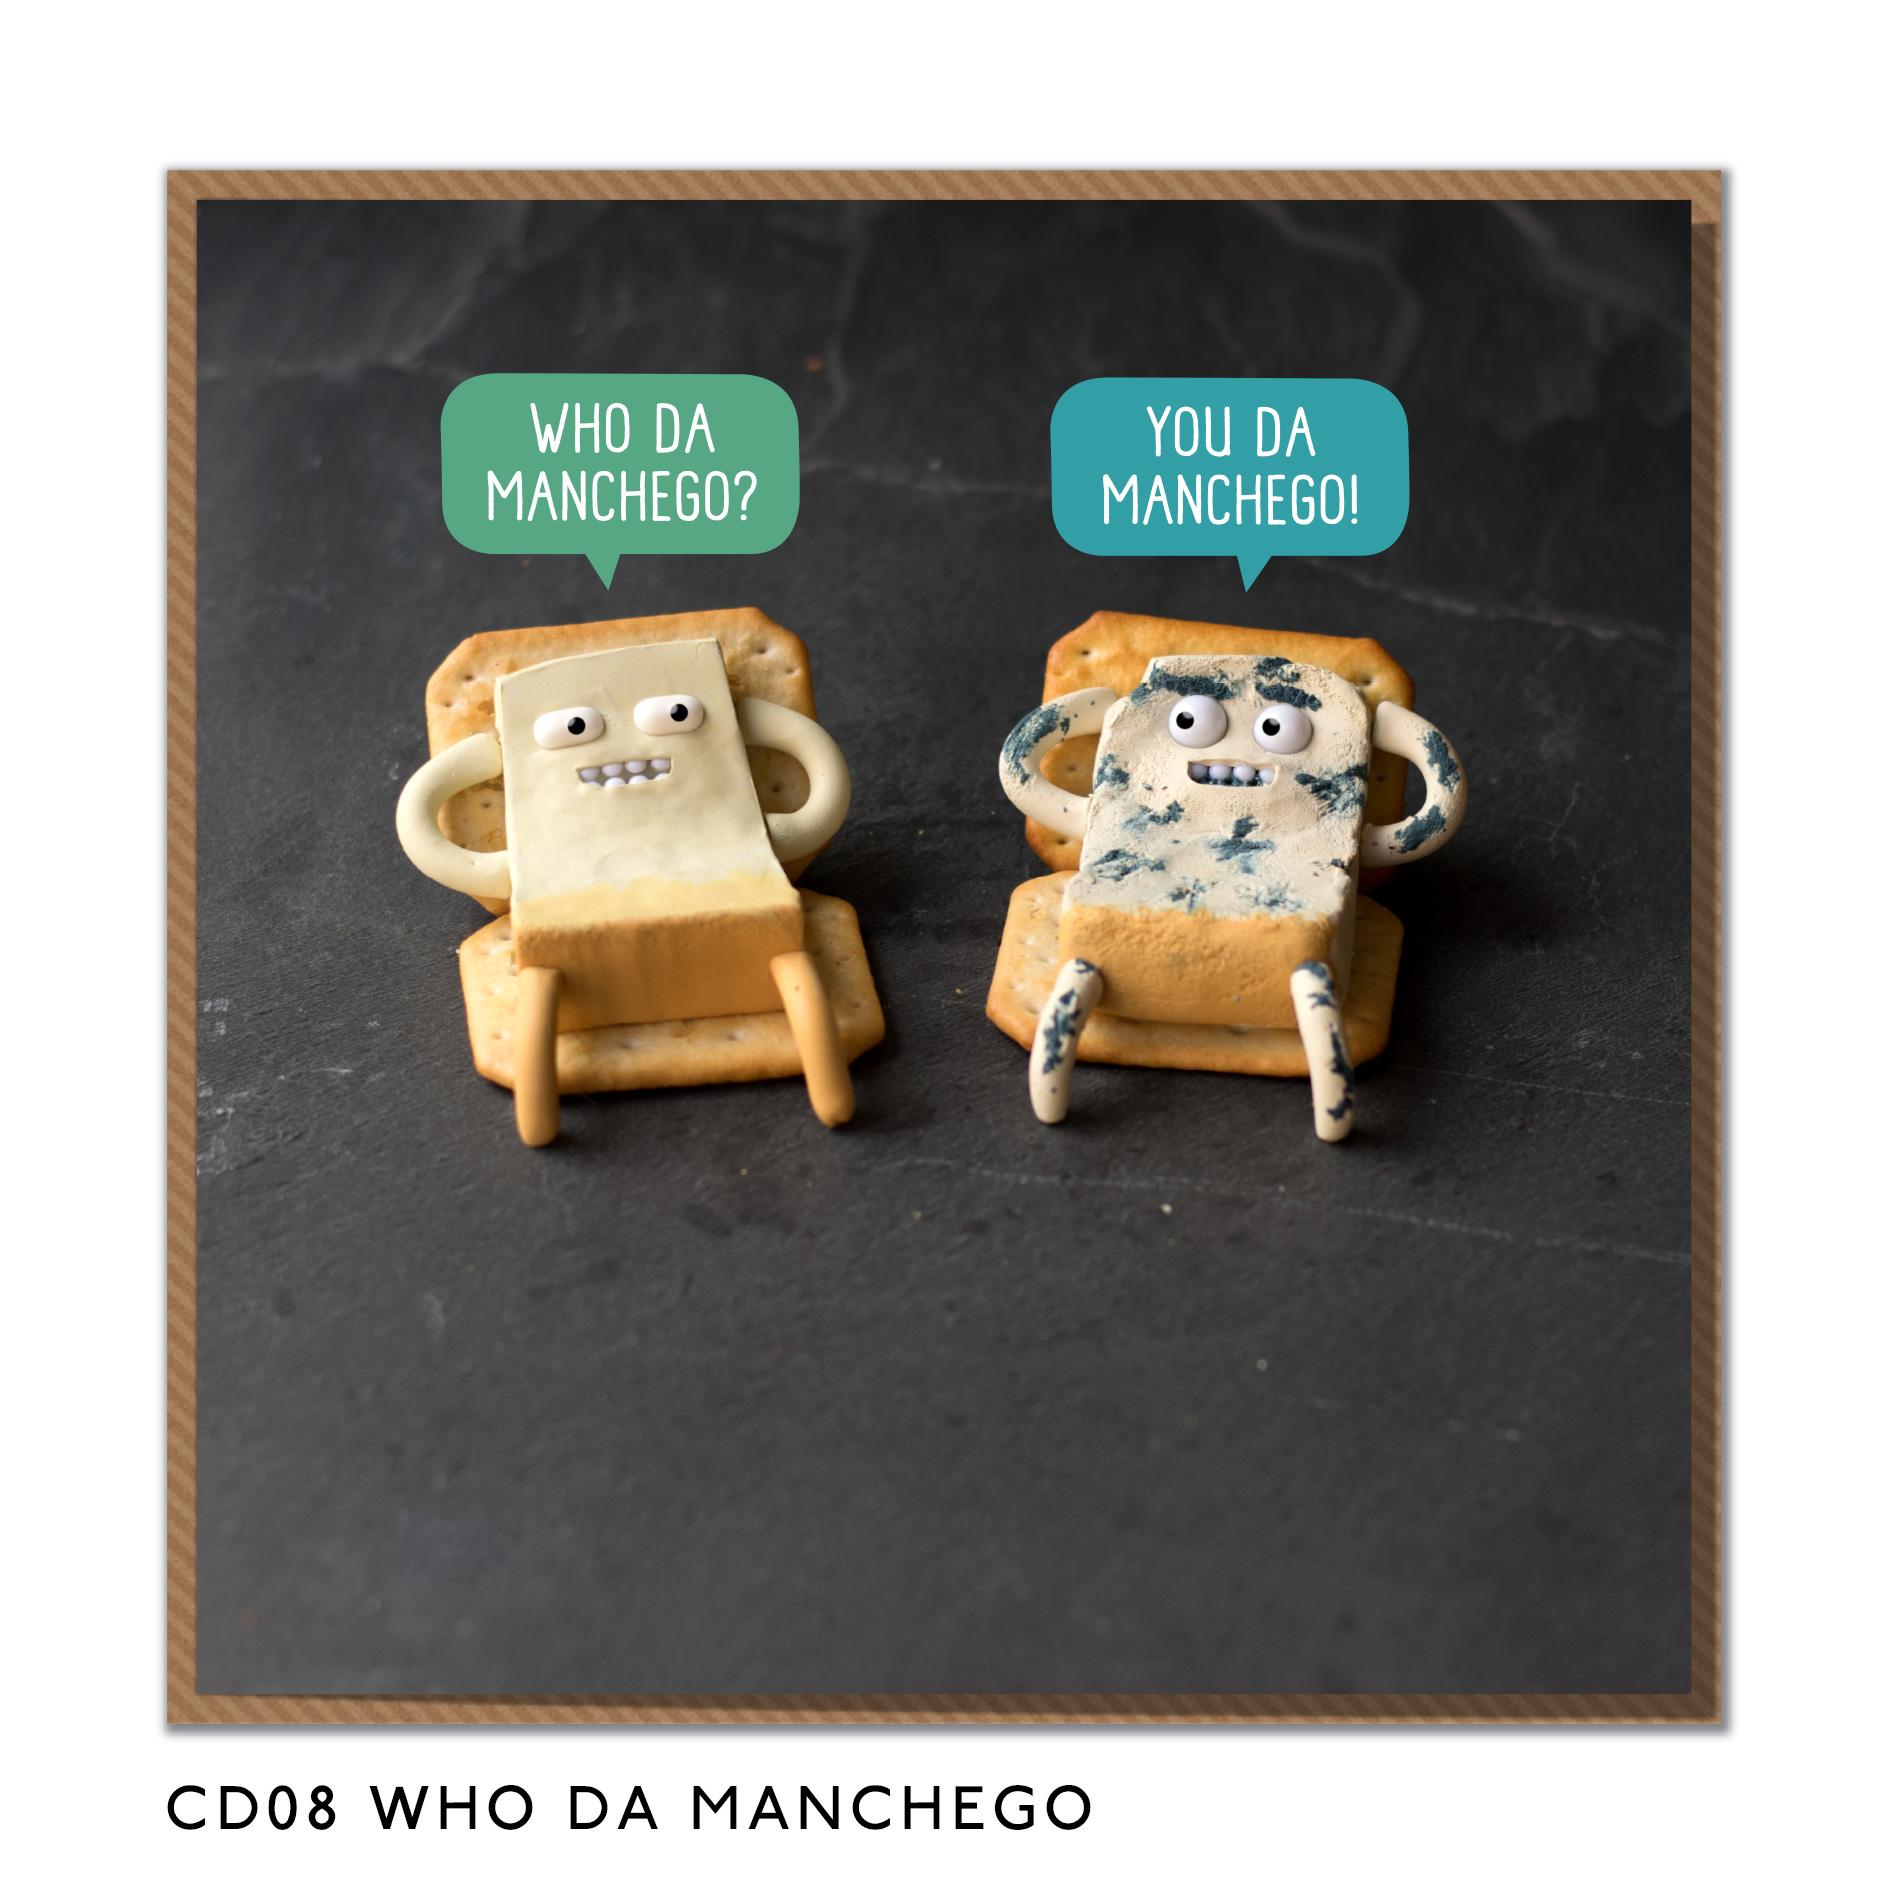 CD08-WHO-DA-MANCHEGO.jpg